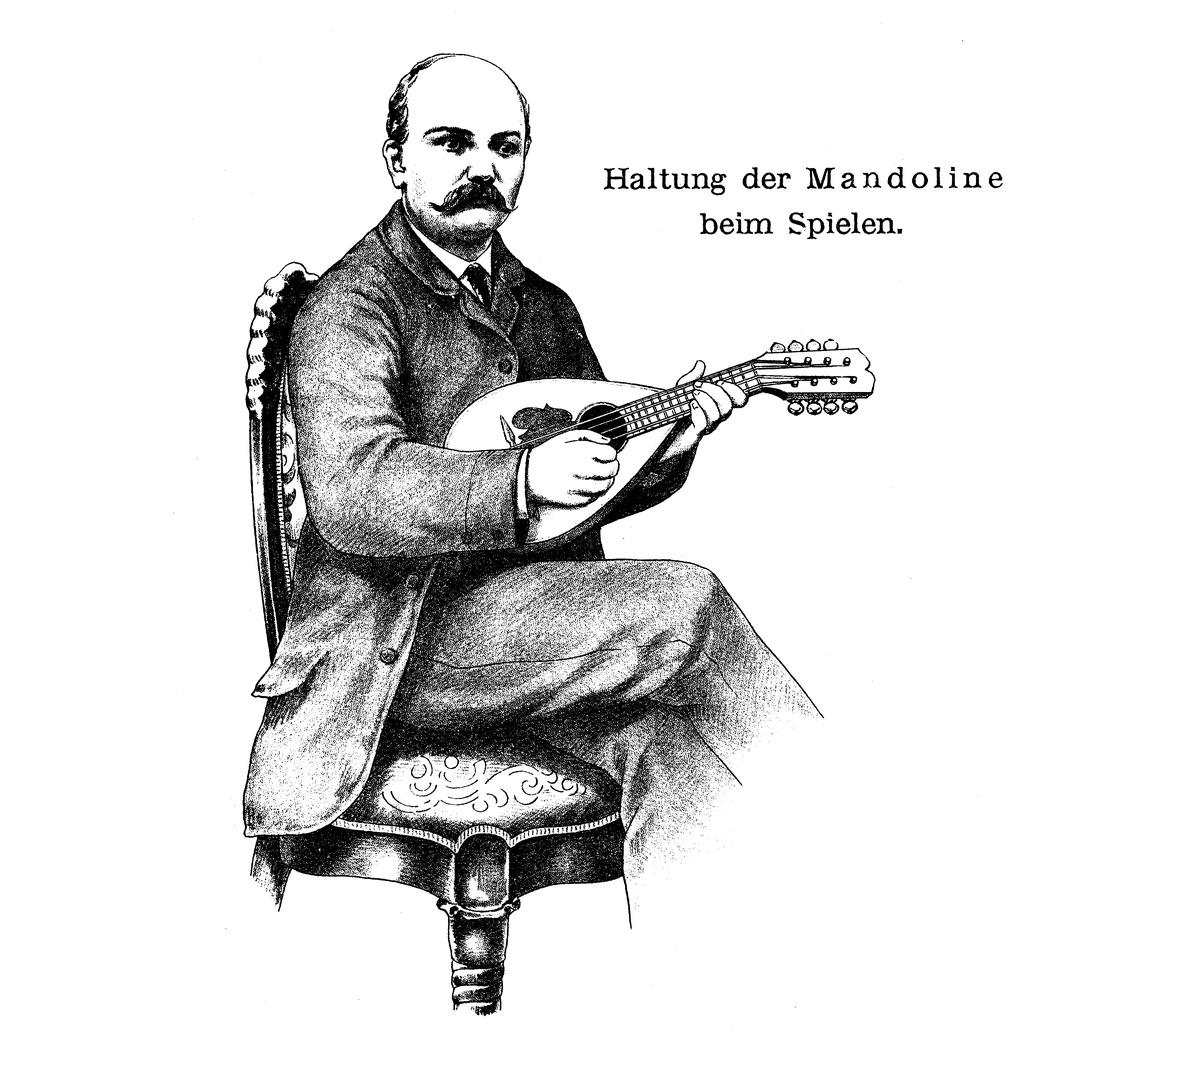 Haltung der Mandoline Branzoli